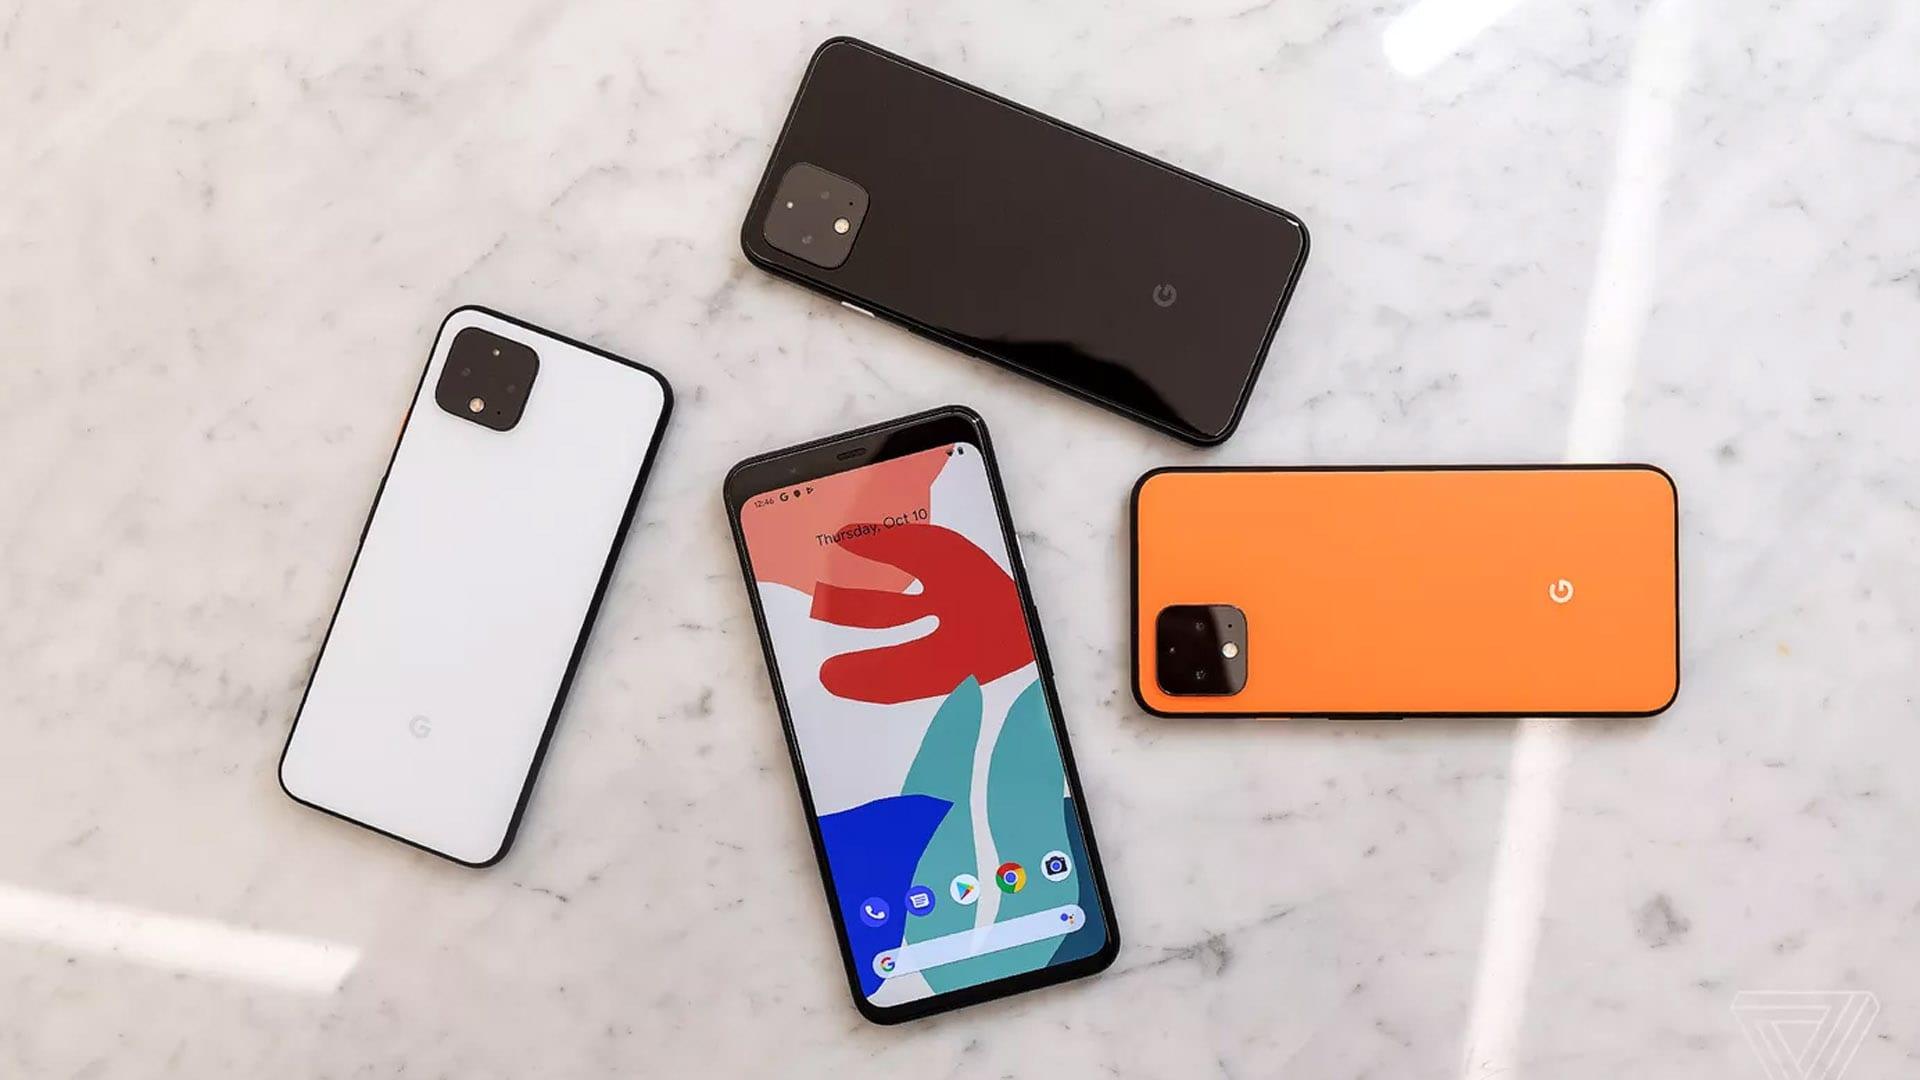 شركة Google تكشف النقاب رسميًا عن الهاتفين Pixel 4 و Pixel 4 XL